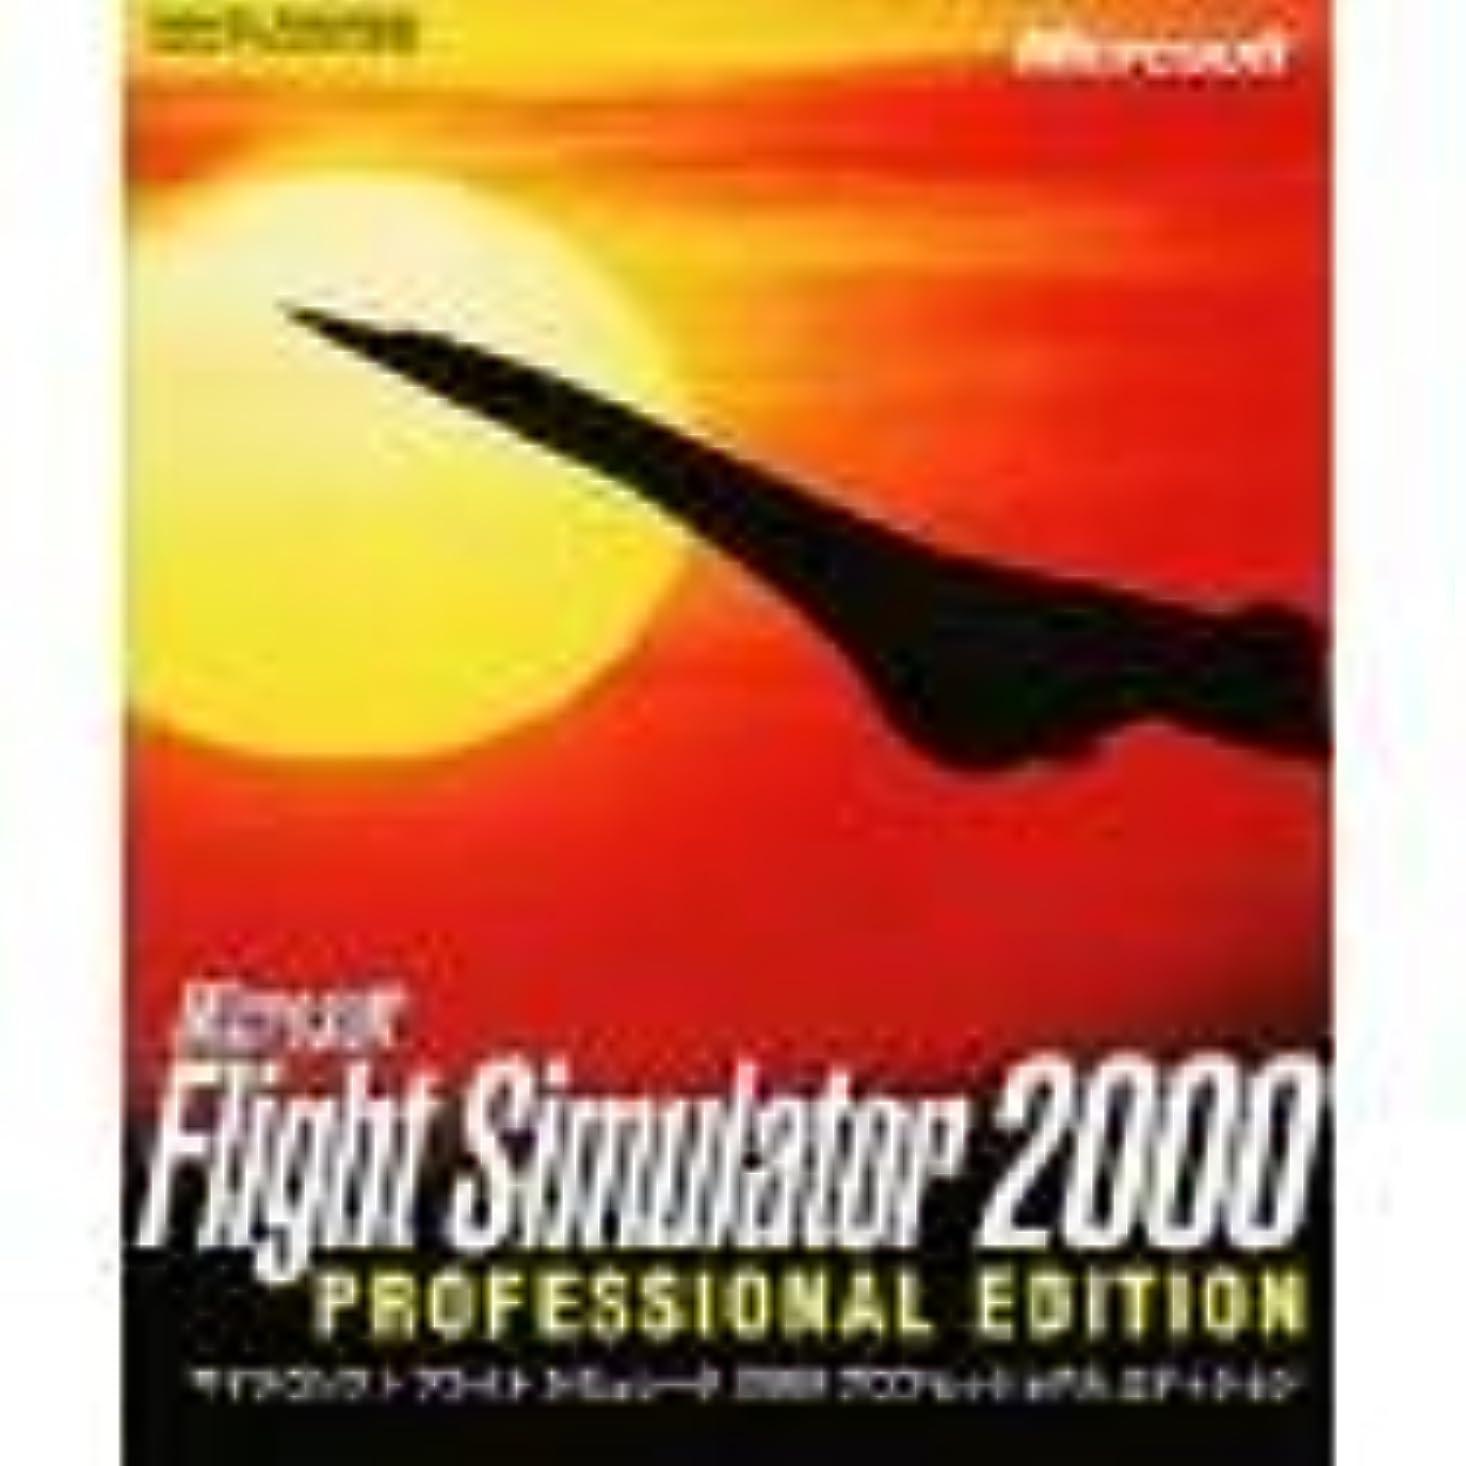 暴力的なインカ帝国エミュレーションMicrosoft Flight Simulator2000 Professional Edition